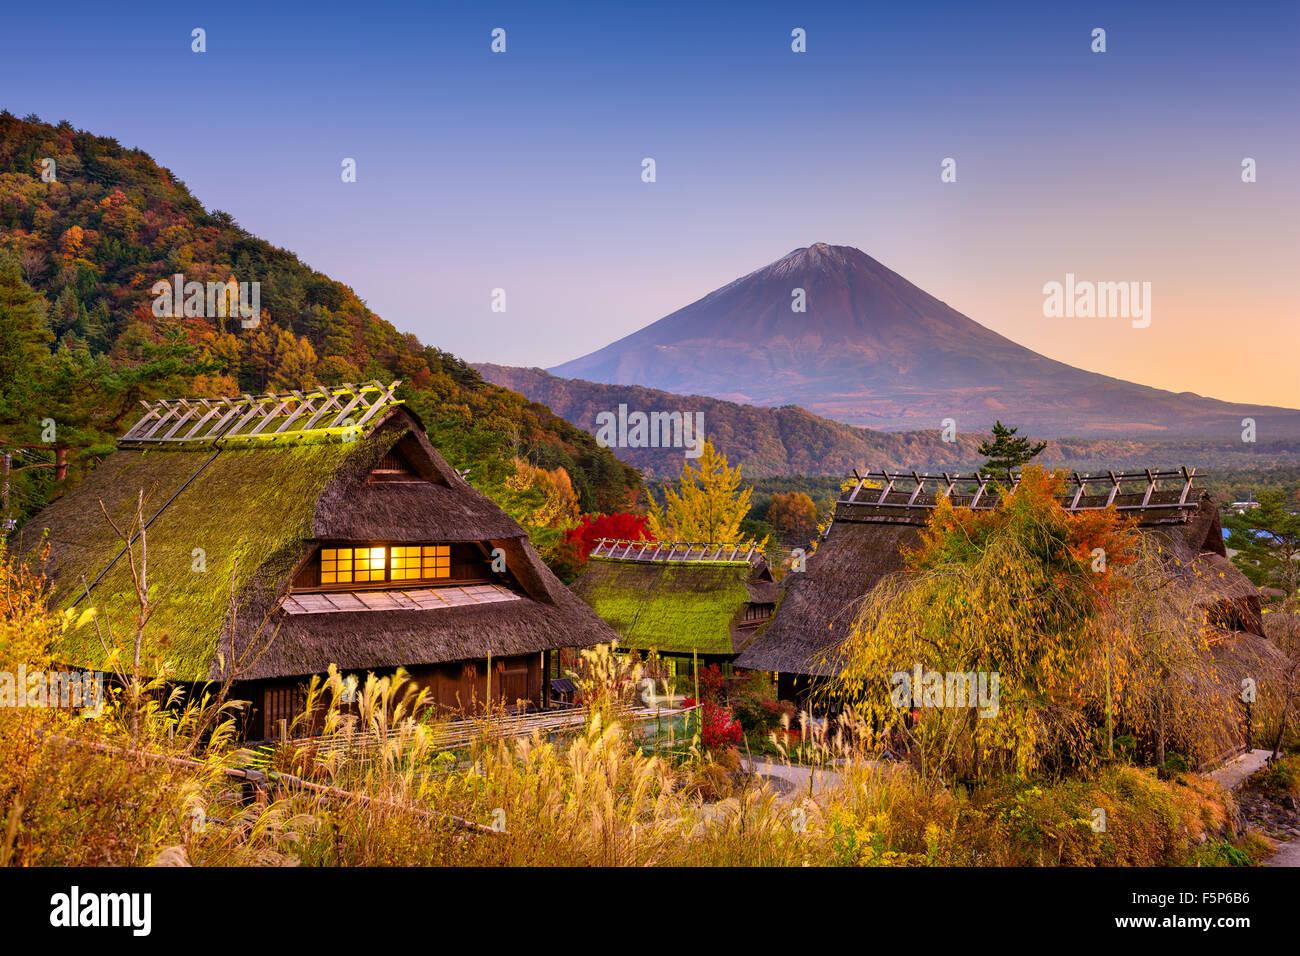 Le Mont Fuji, Japon vue d'un village historique. Photo Stock